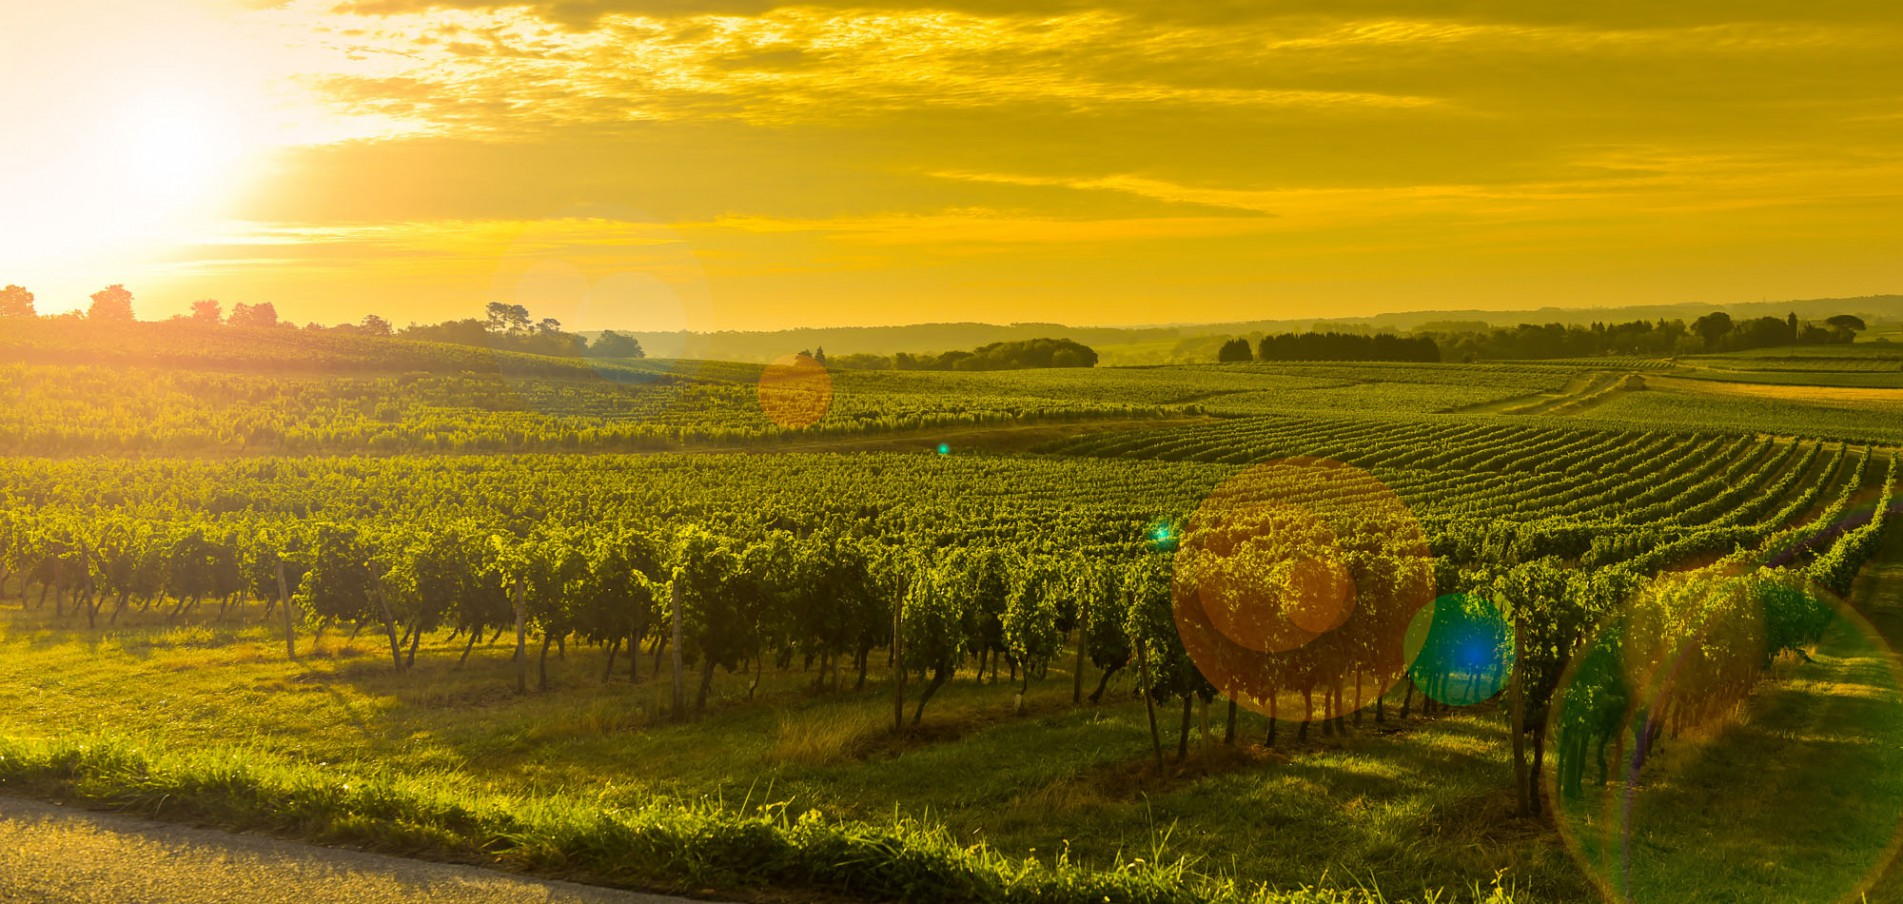 Willkommen in Bordeaux ... in der Welthauptstadt des Weins!